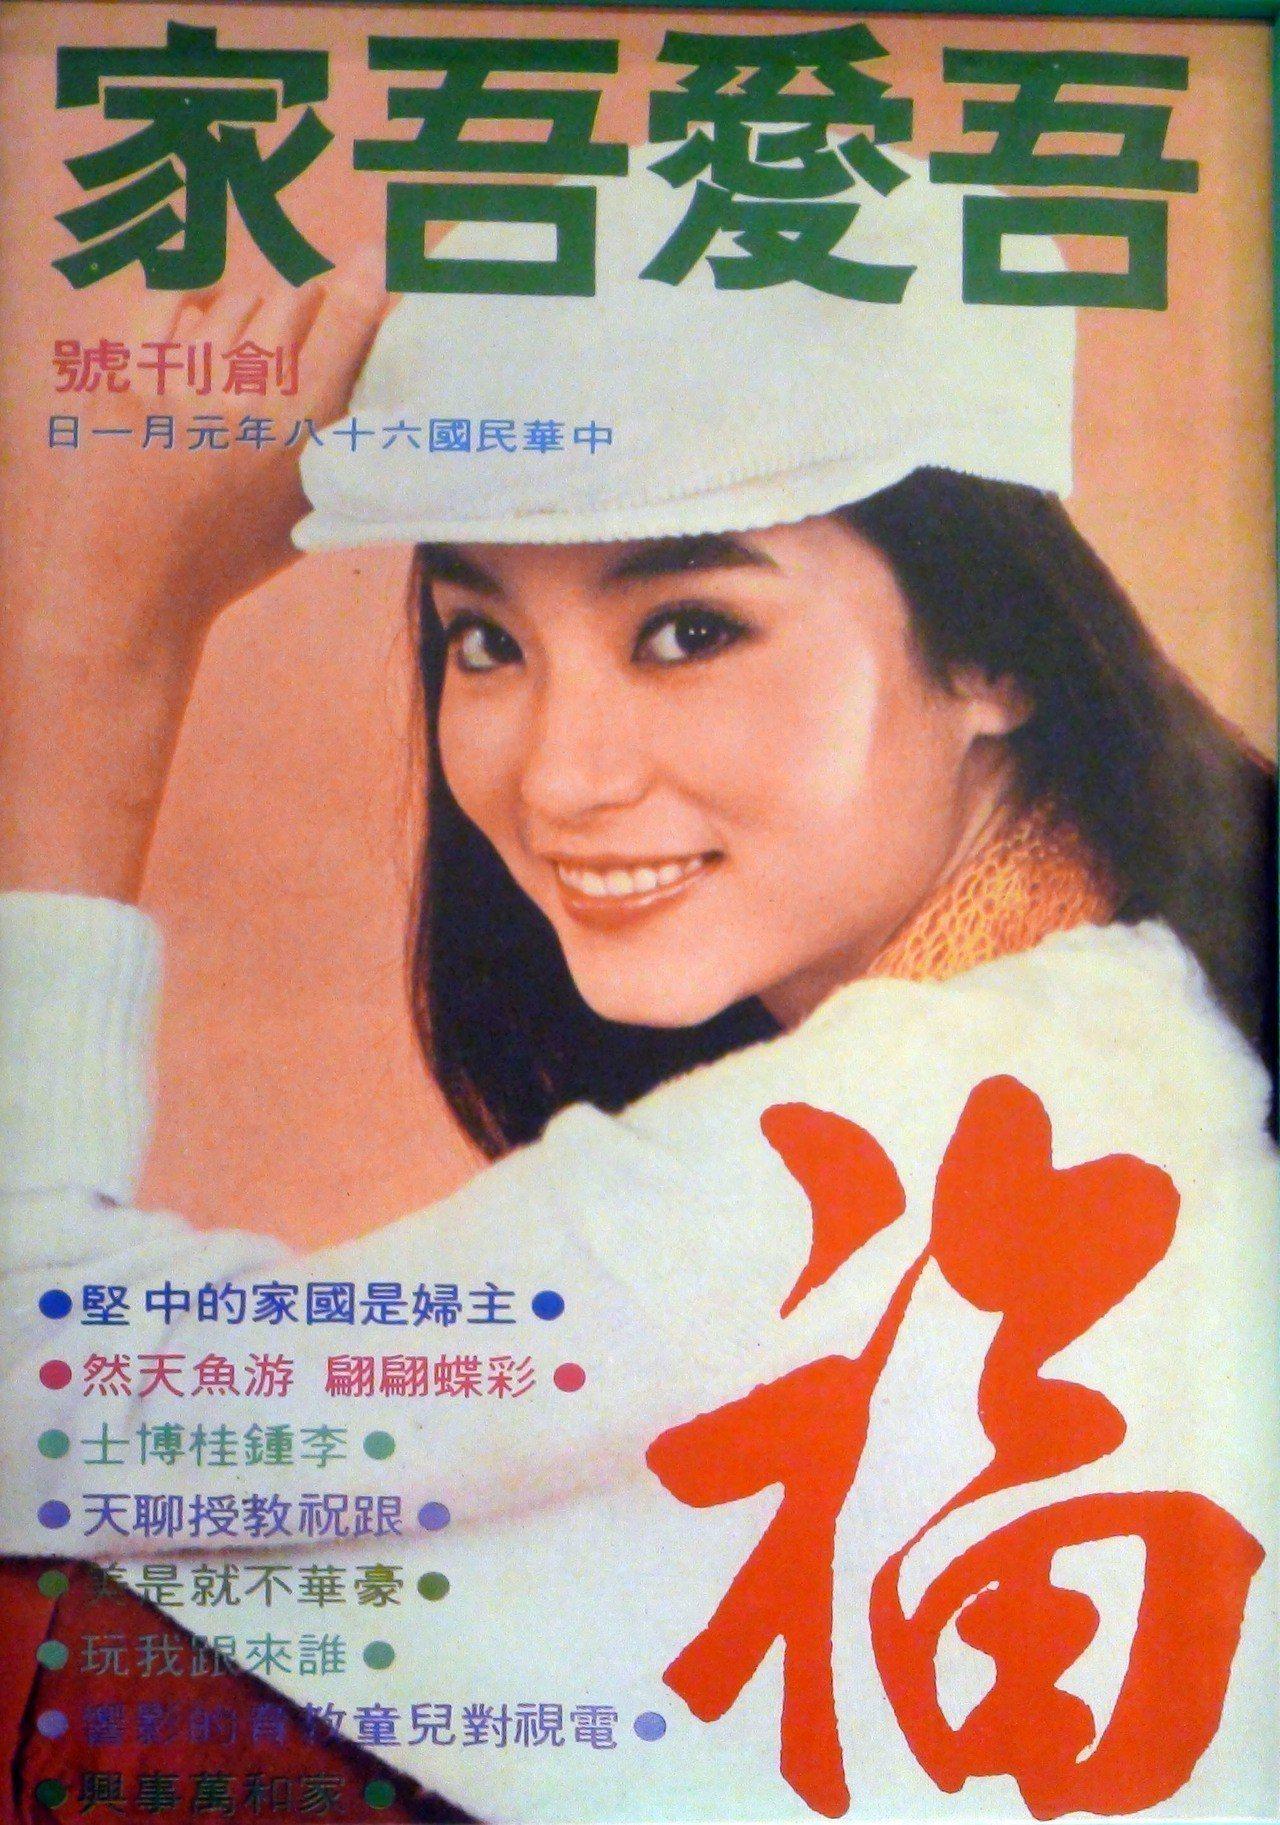 吾愛吾家民國68年的創刊號,是以當紅的林青霞為封面。記者洪哲政/翻攝